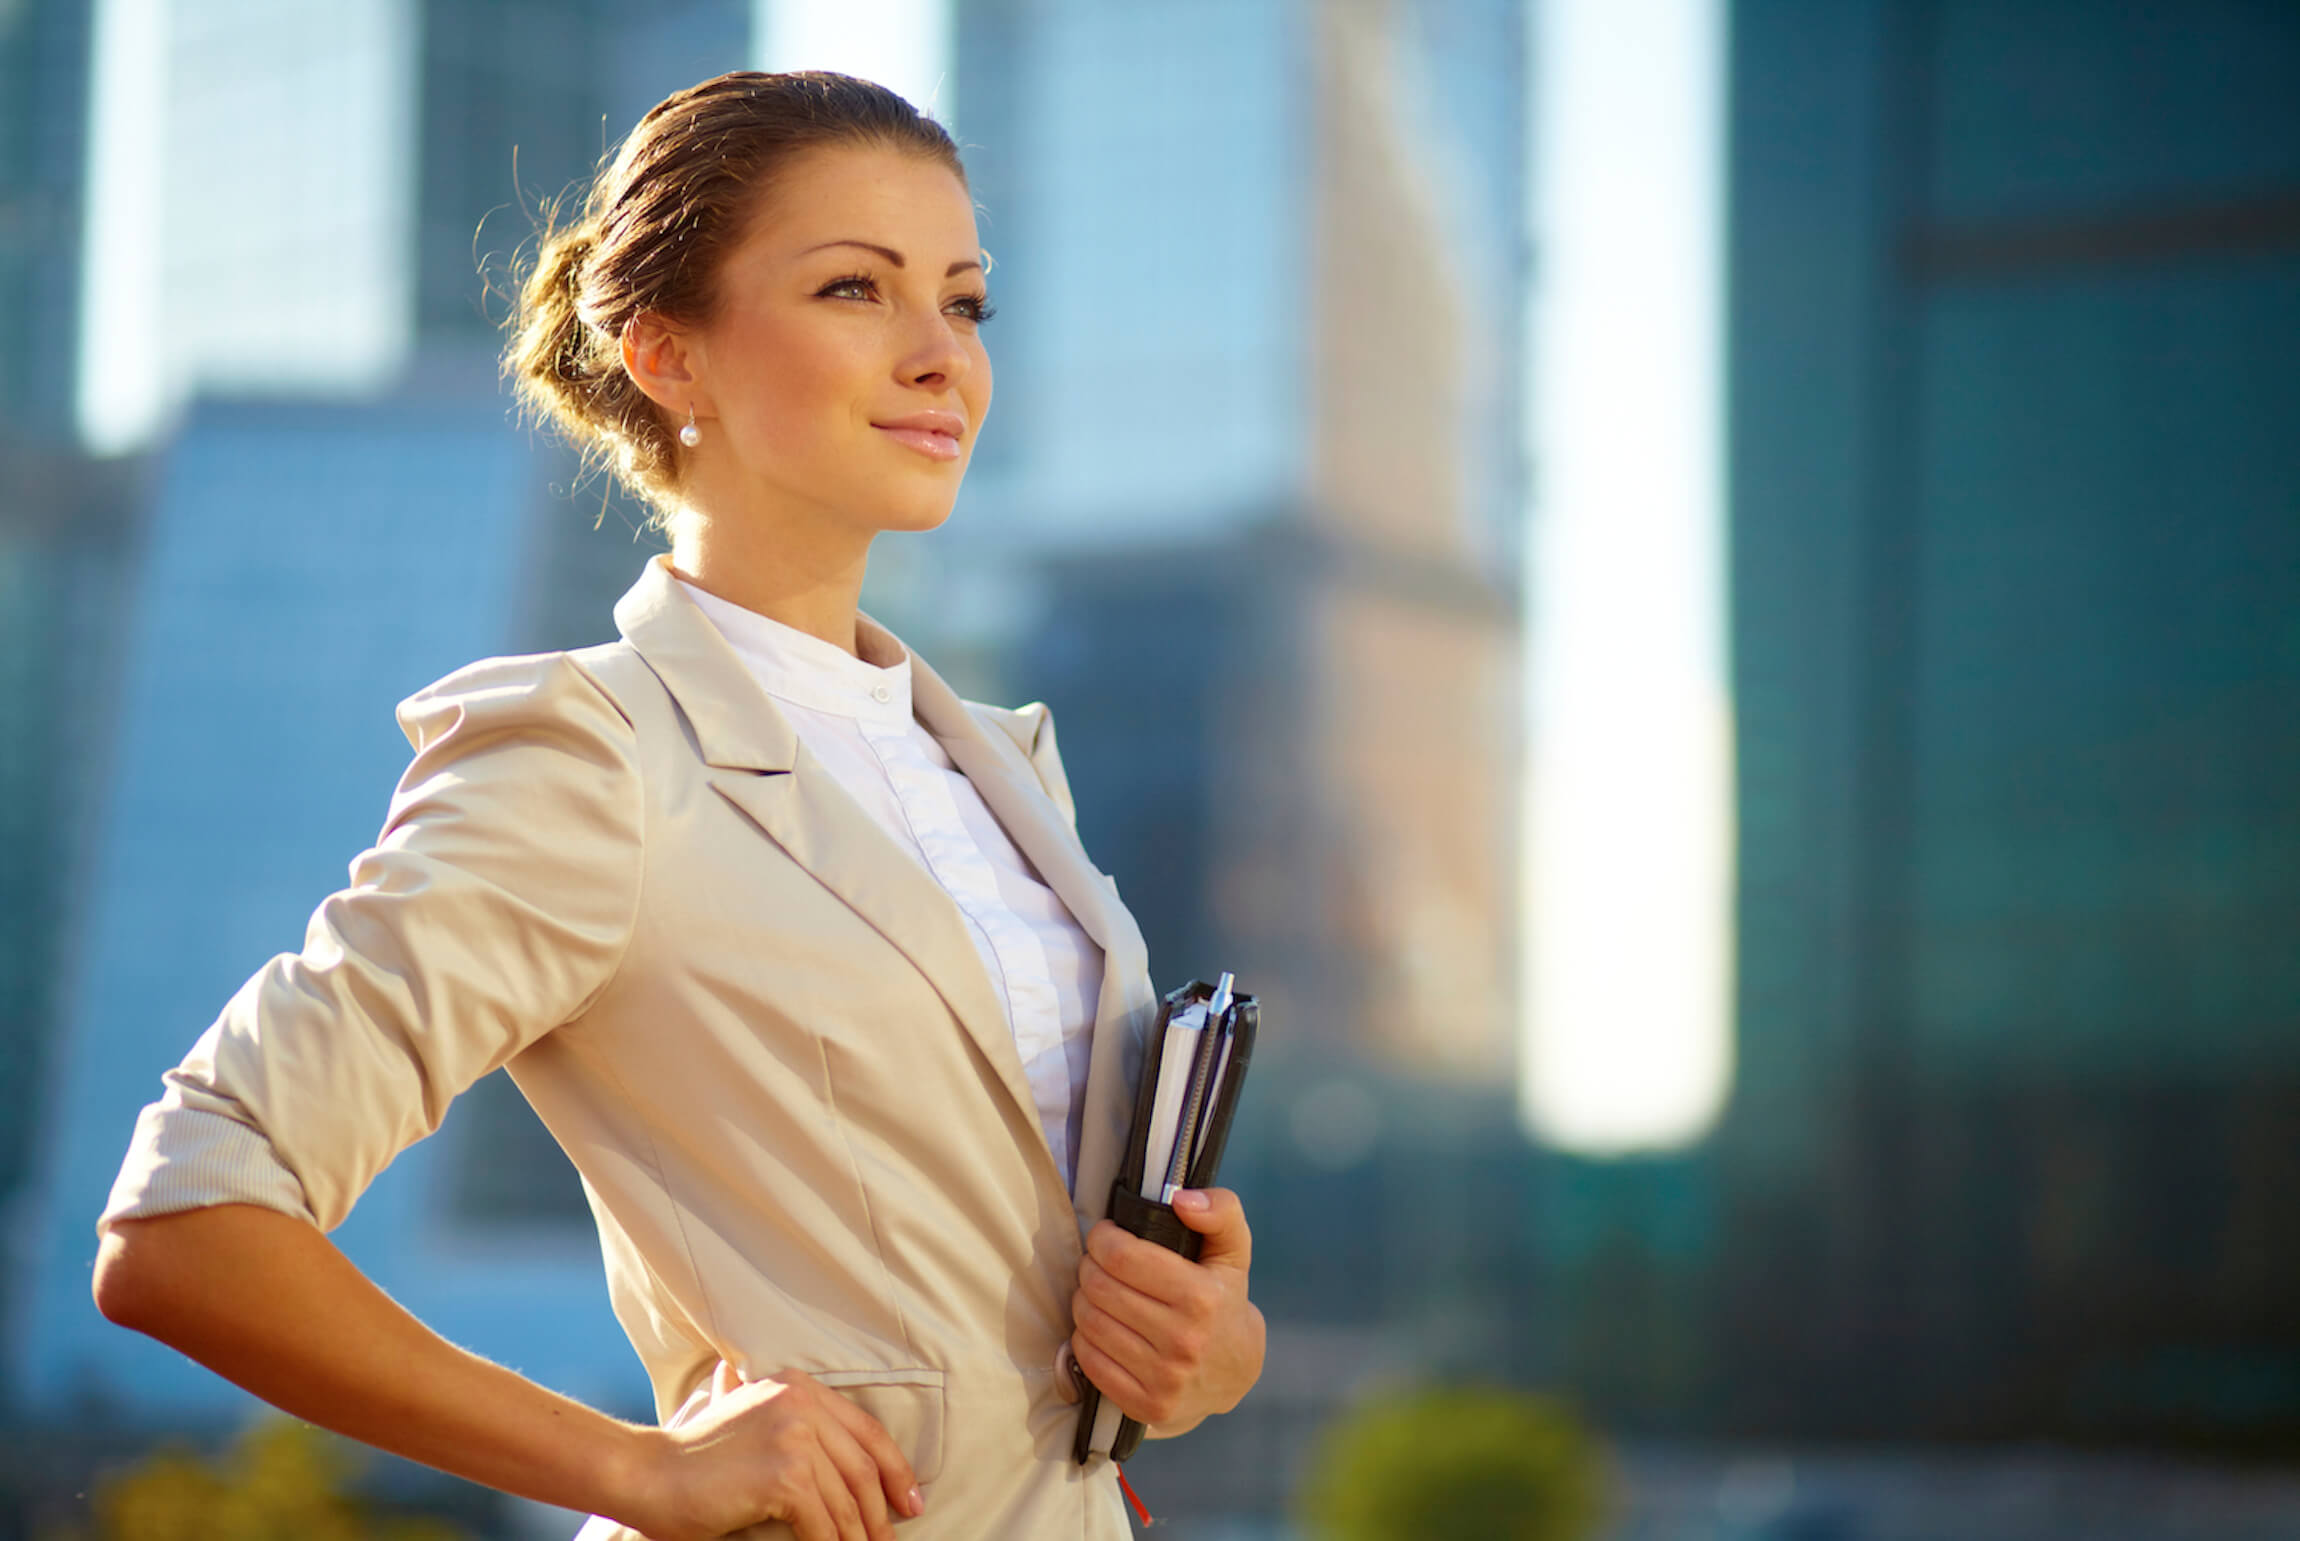 ТПП МО объявляет набор участниц для проекта «Леди-Бизнес»